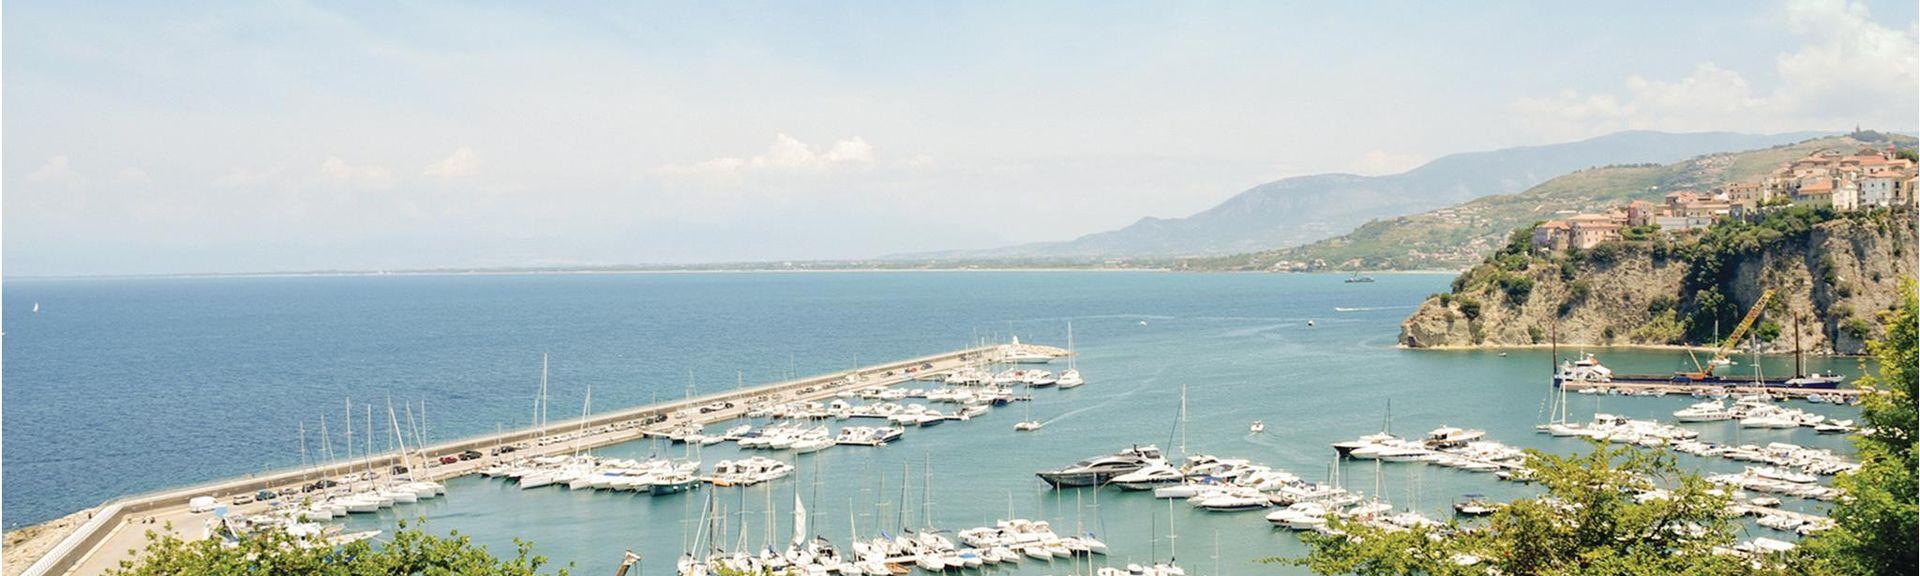 Castellabate, Salerno, Campania, Italy